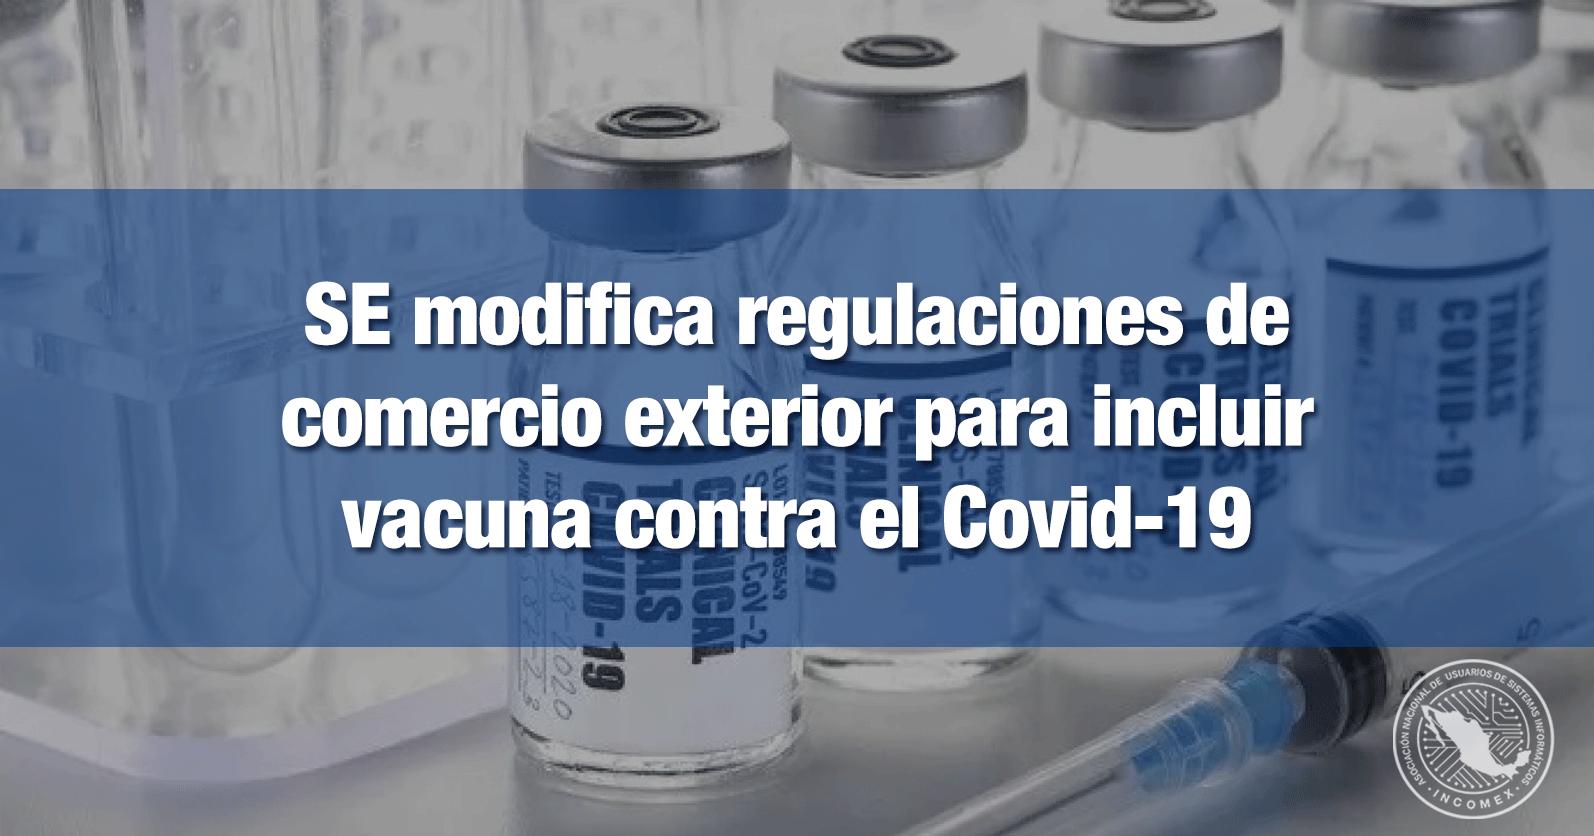 SE modifica regulaciones de comercio exterior para incluir vacuna contra el Covid-19